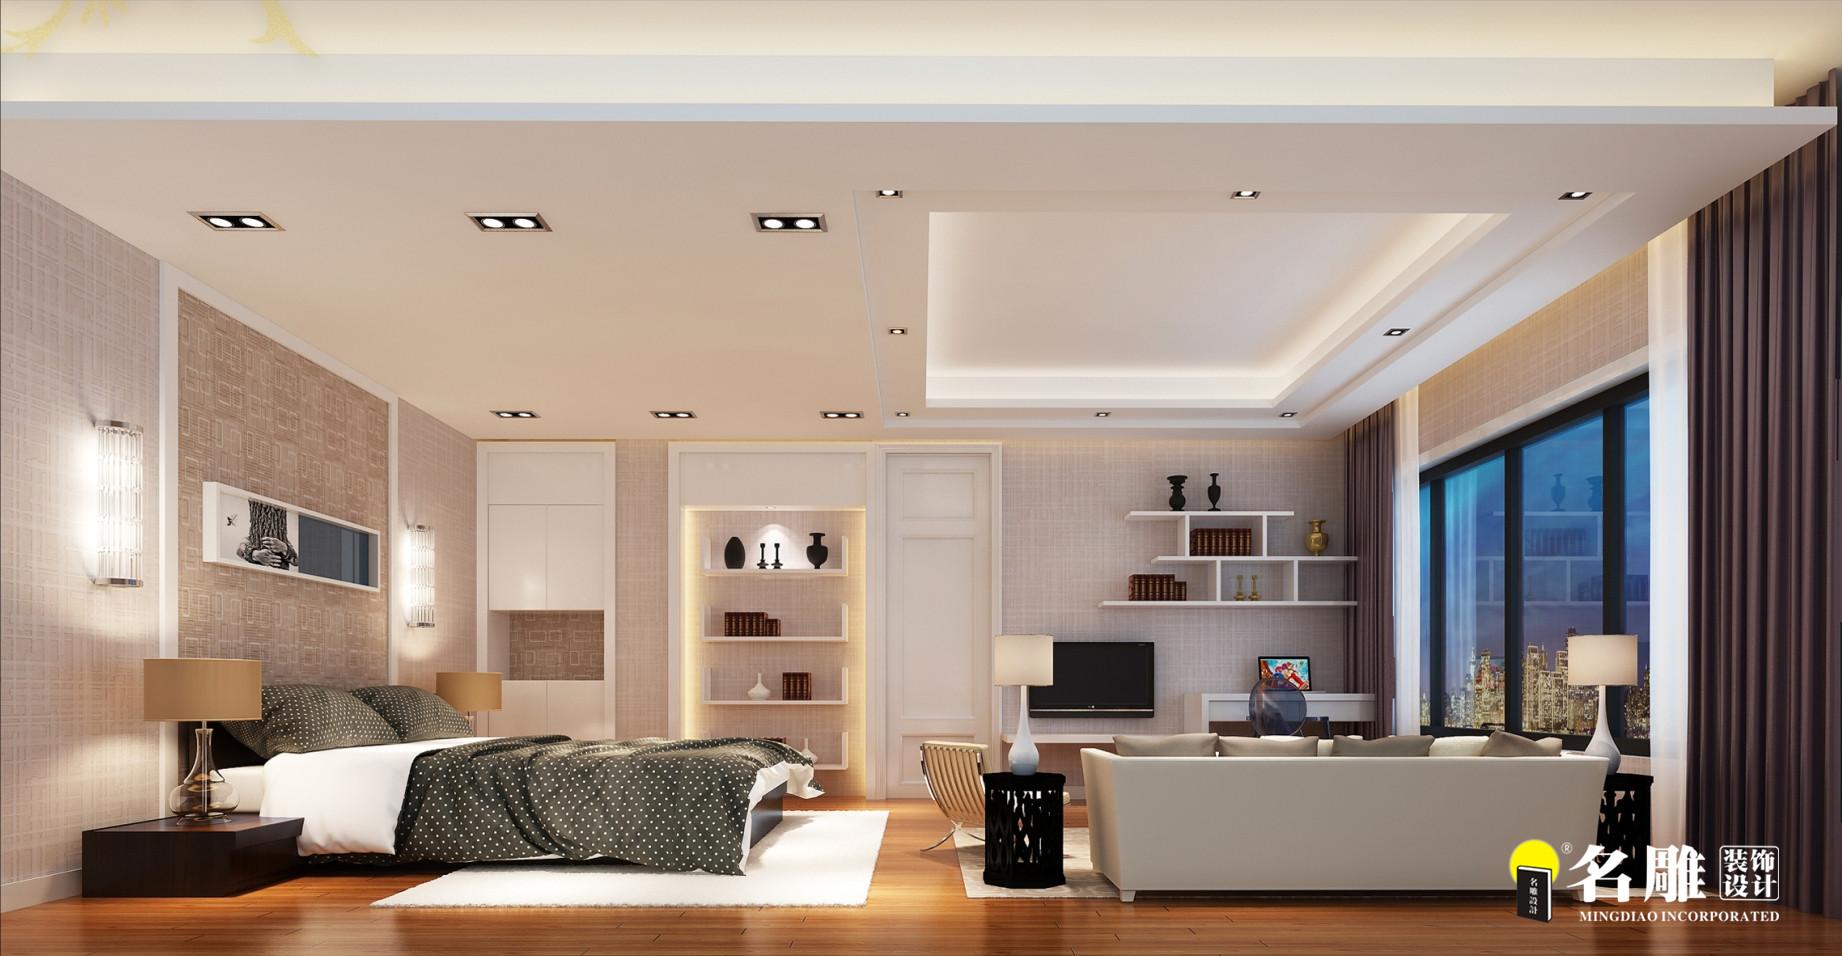 现代 复式别墅 精致 4厅 12室 11卫 卧室图片来自名雕装饰设计在简约不简单的分享